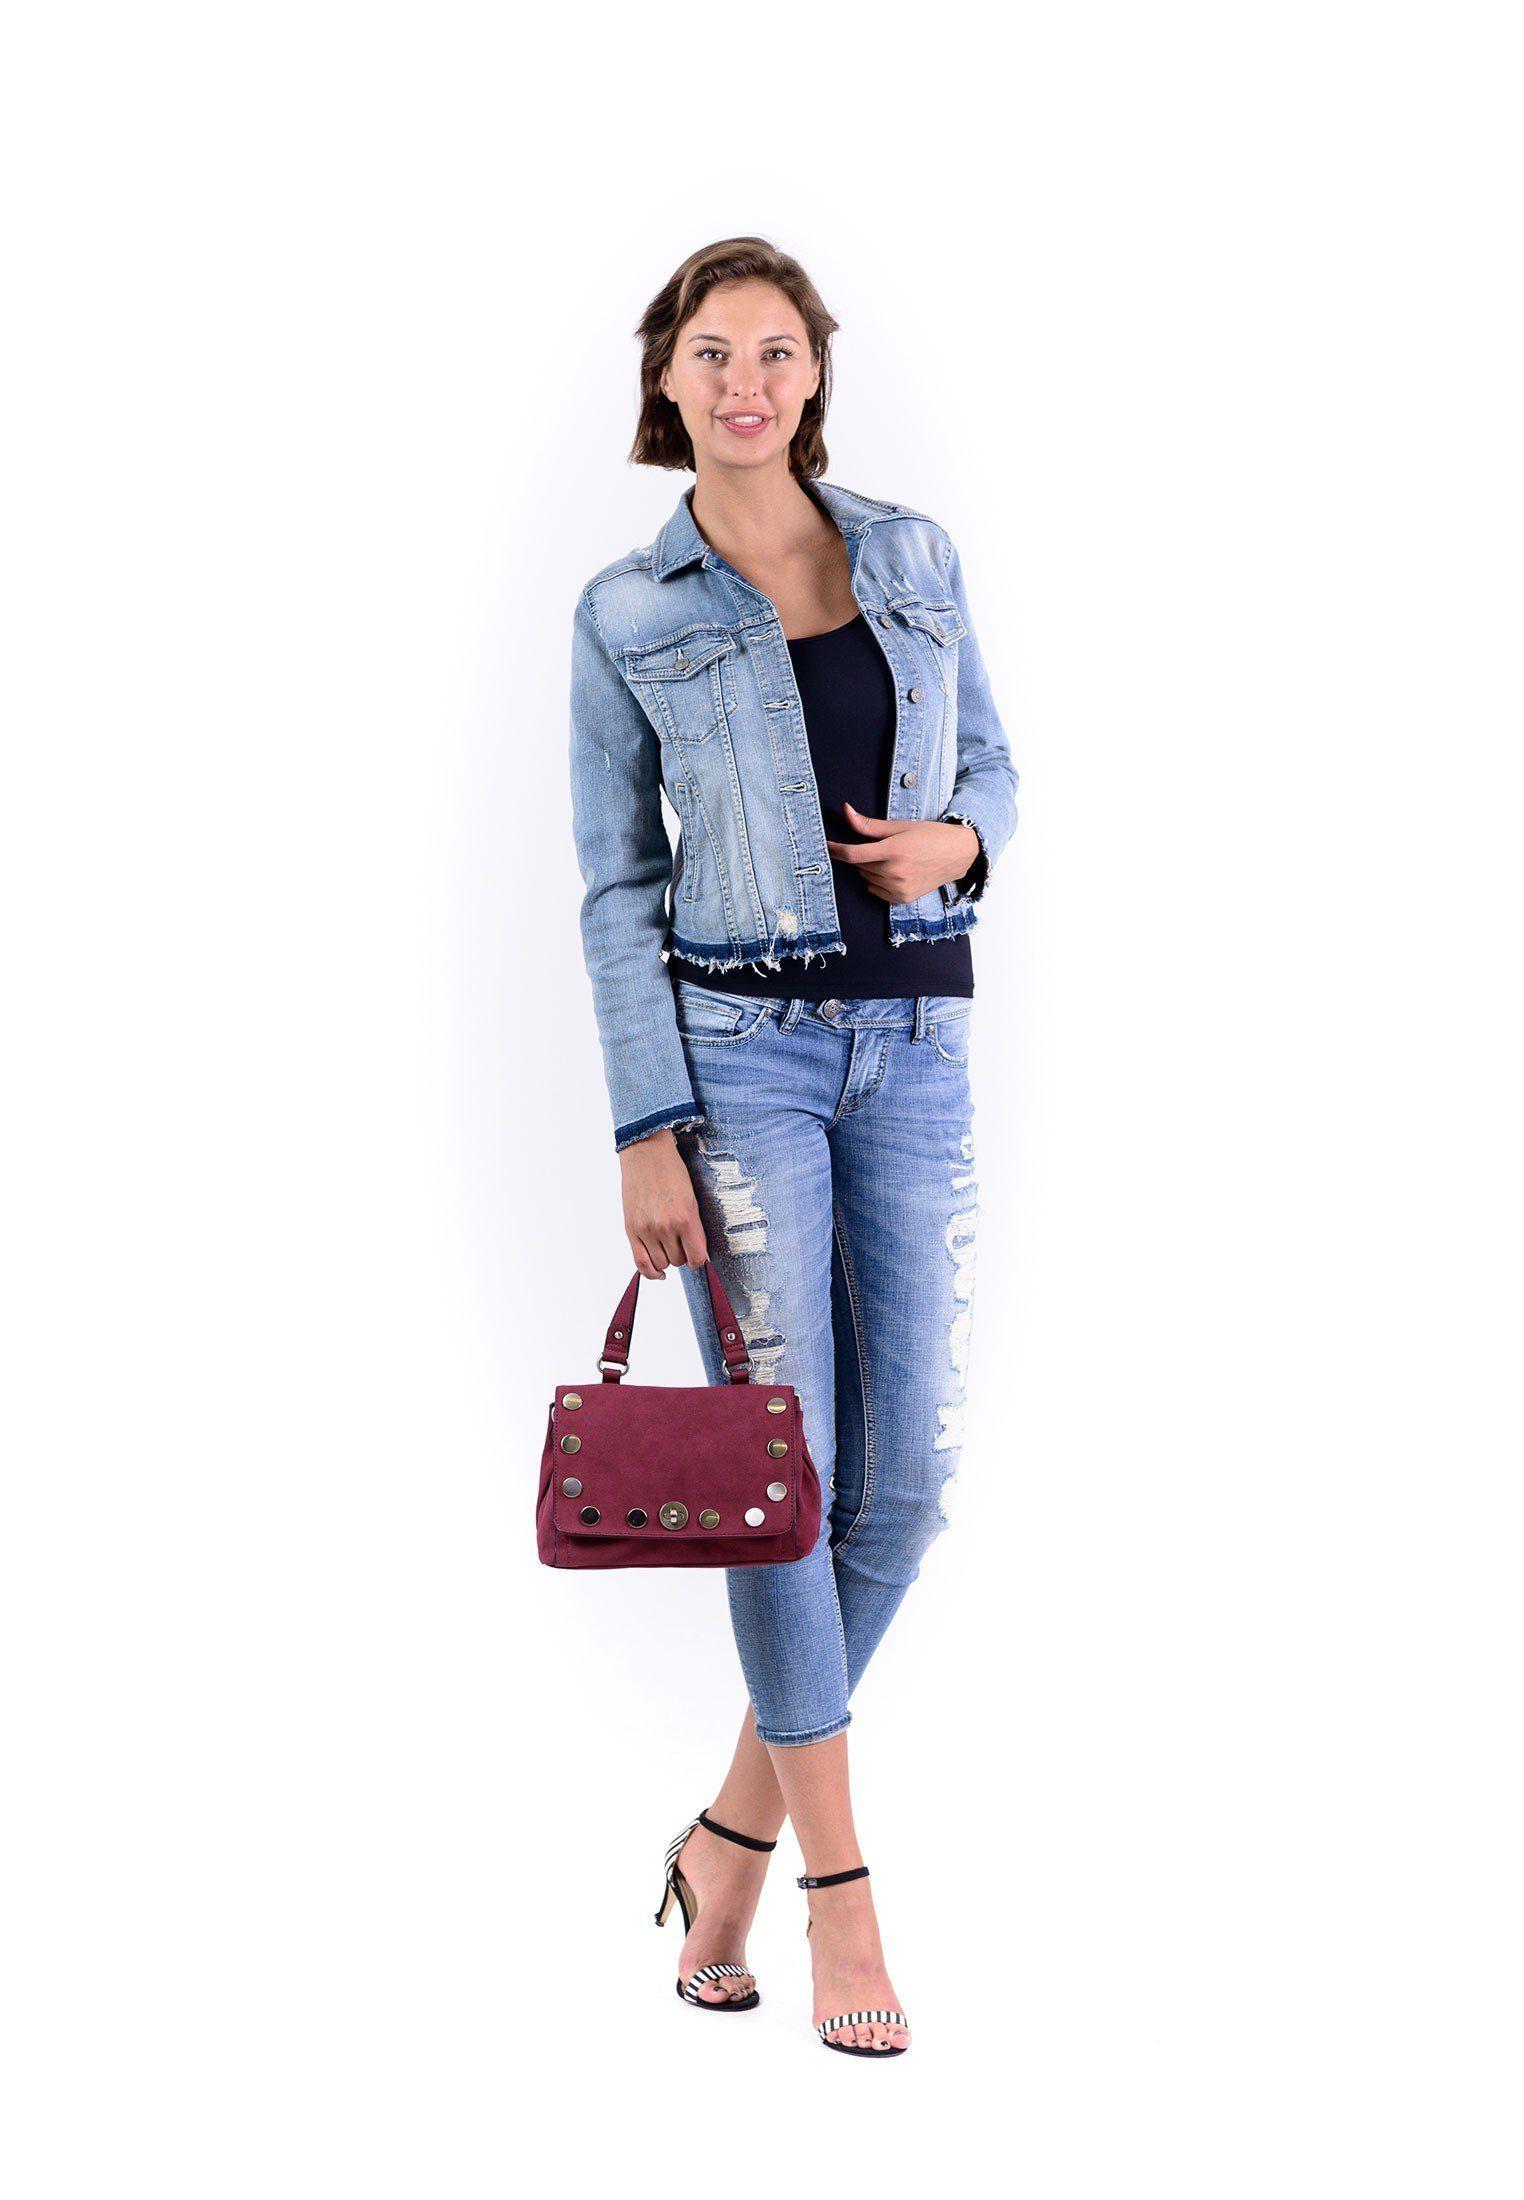 Michelle 2 Noah Kaufen No Online nr Überschlag Umhängetasche 4984664999 Mit amp; Emily Artikel qwCXtnSt